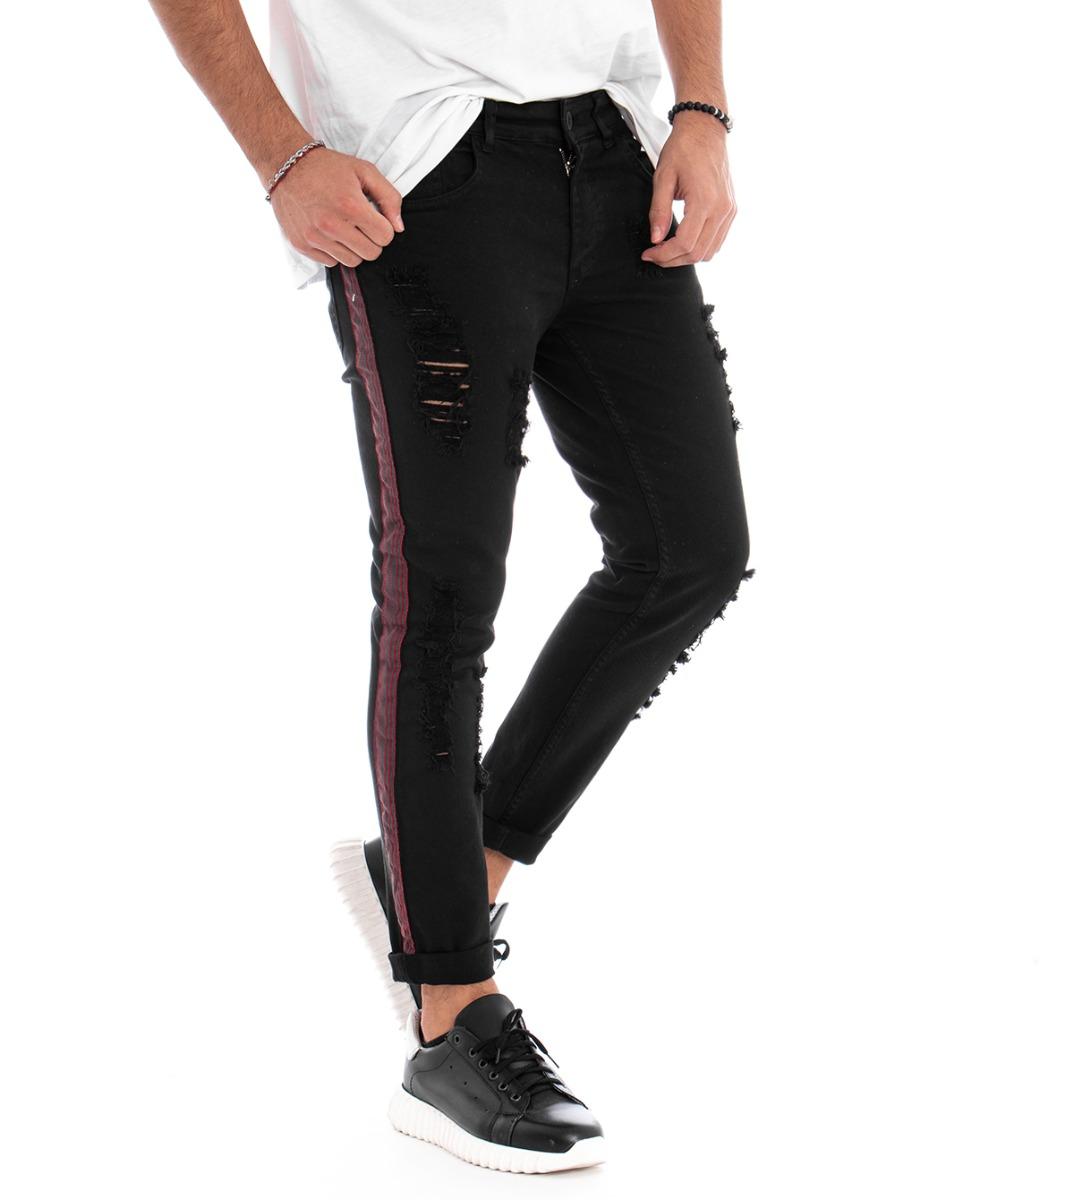 Di Larghe Vedute Pantalone Uomo Mod Rotture Riga Laterale Rossa Cinque Tasche Slim Fit Cotone ... Giada Bianca